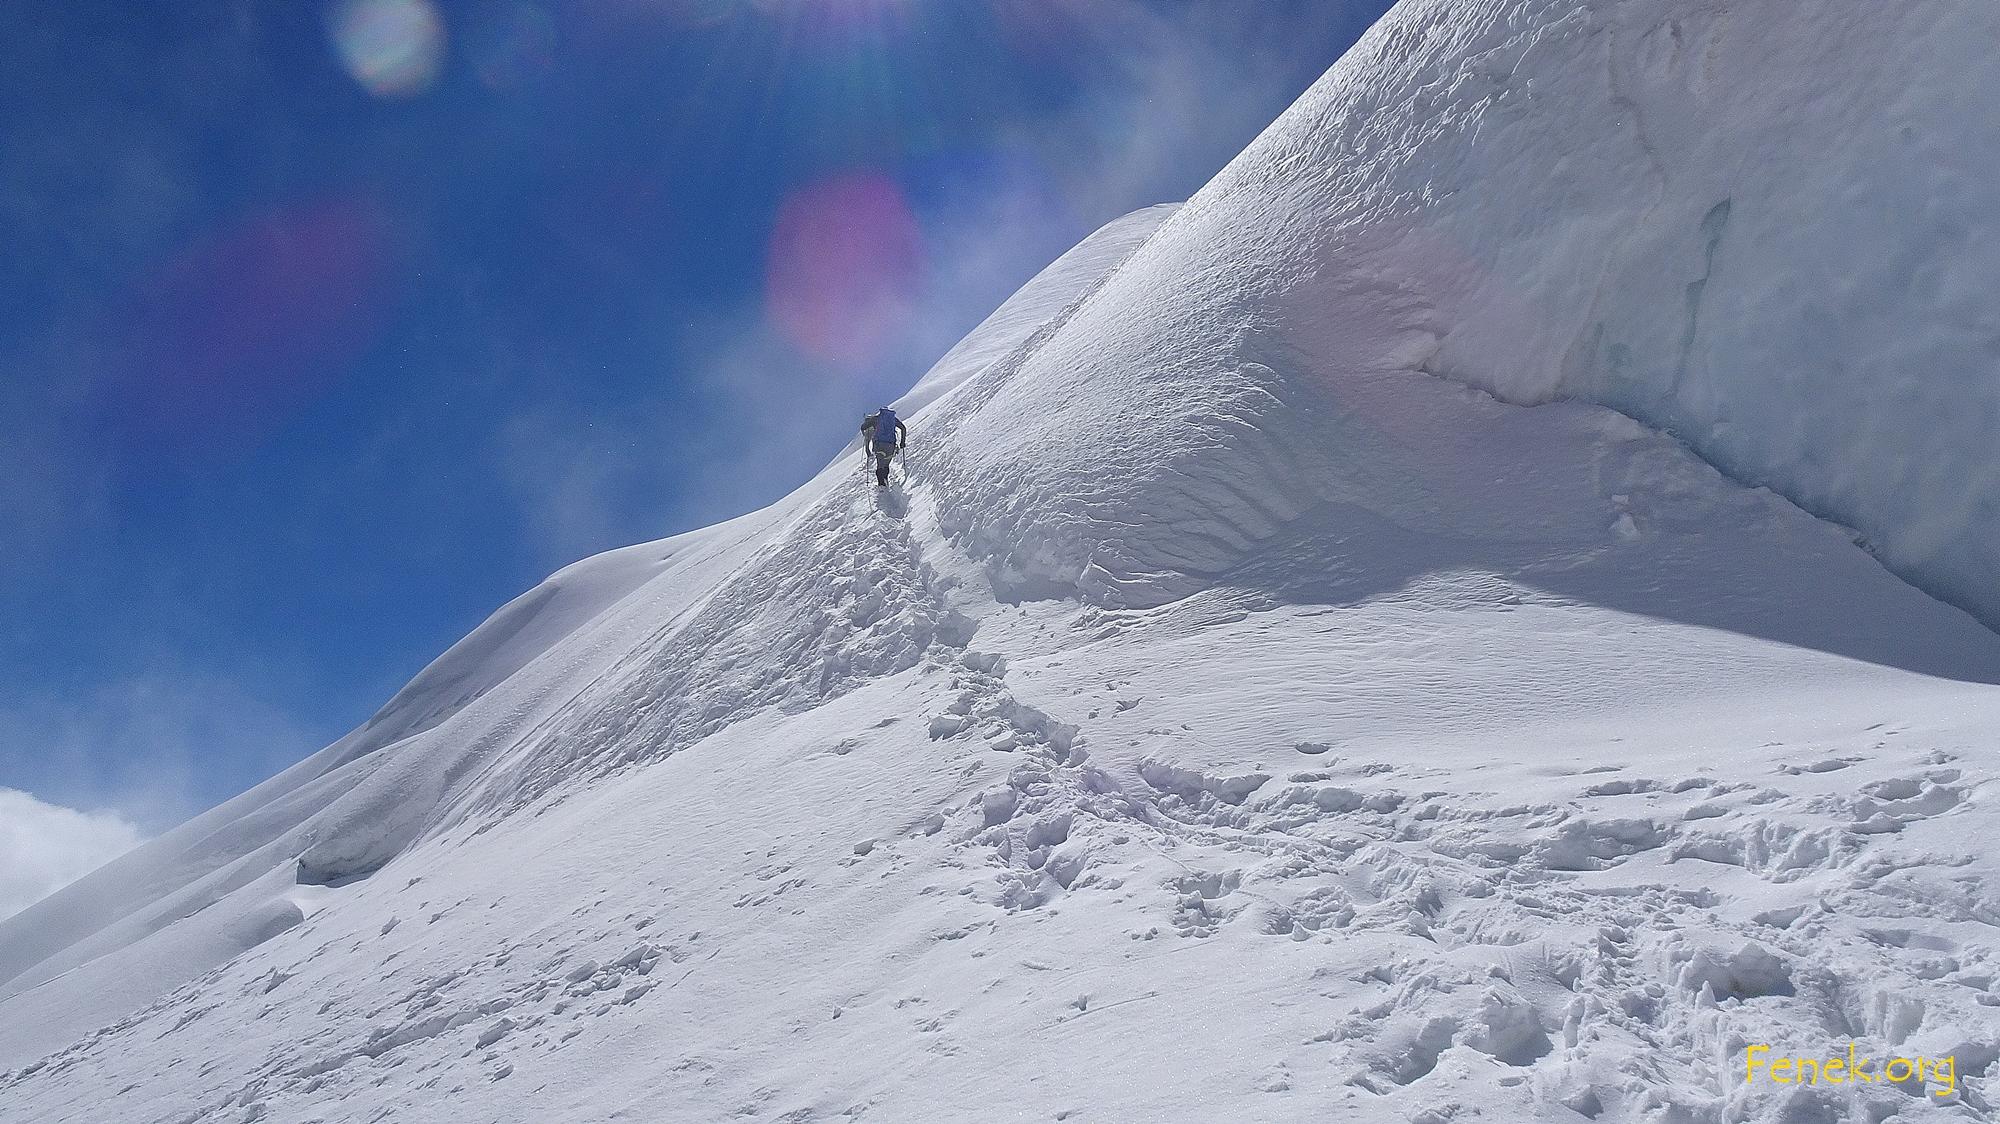 kurze steile Stufe